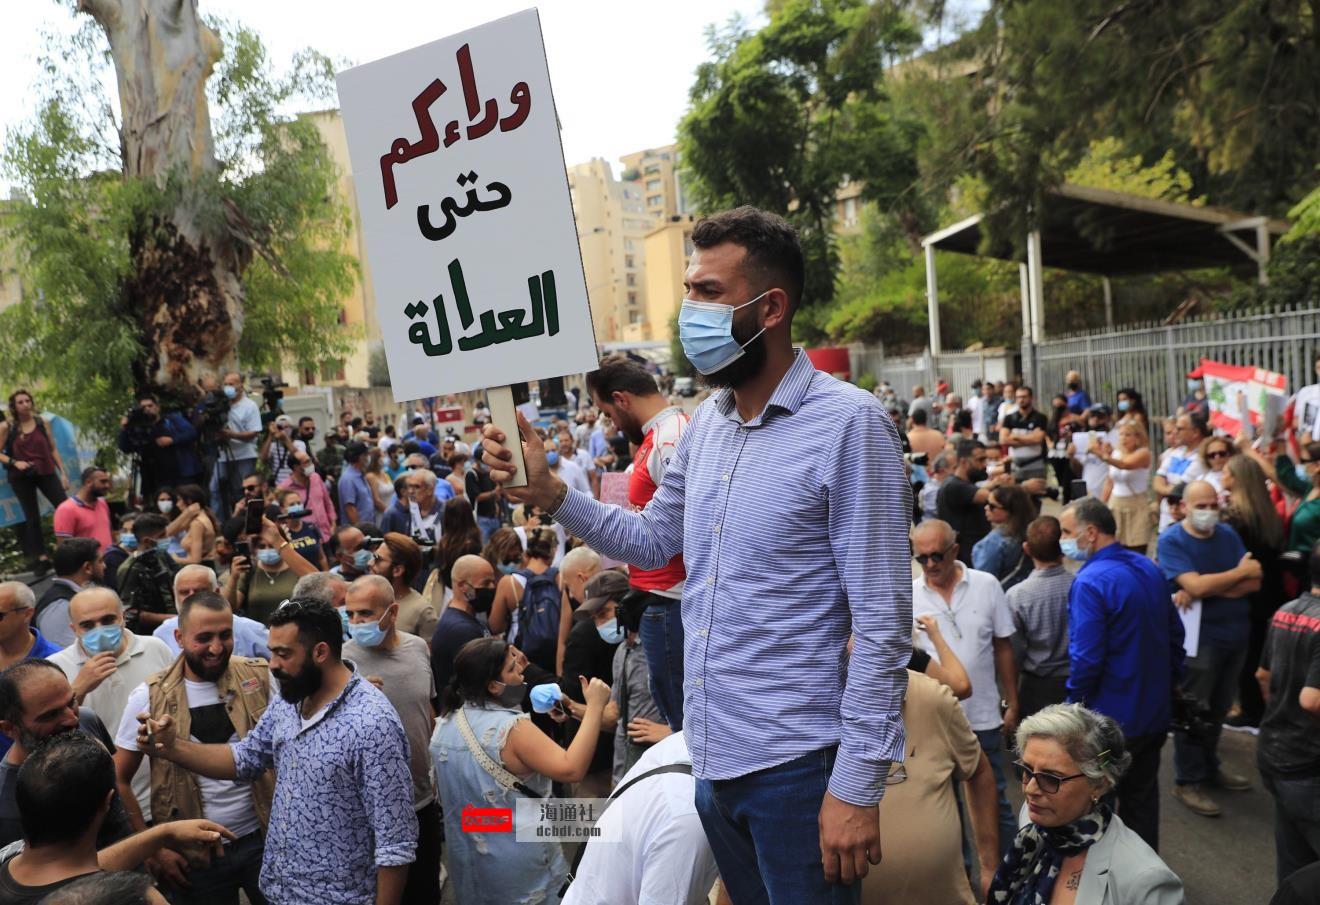 真主党领导人要求更换贝鲁特爆炸事件的调查人员